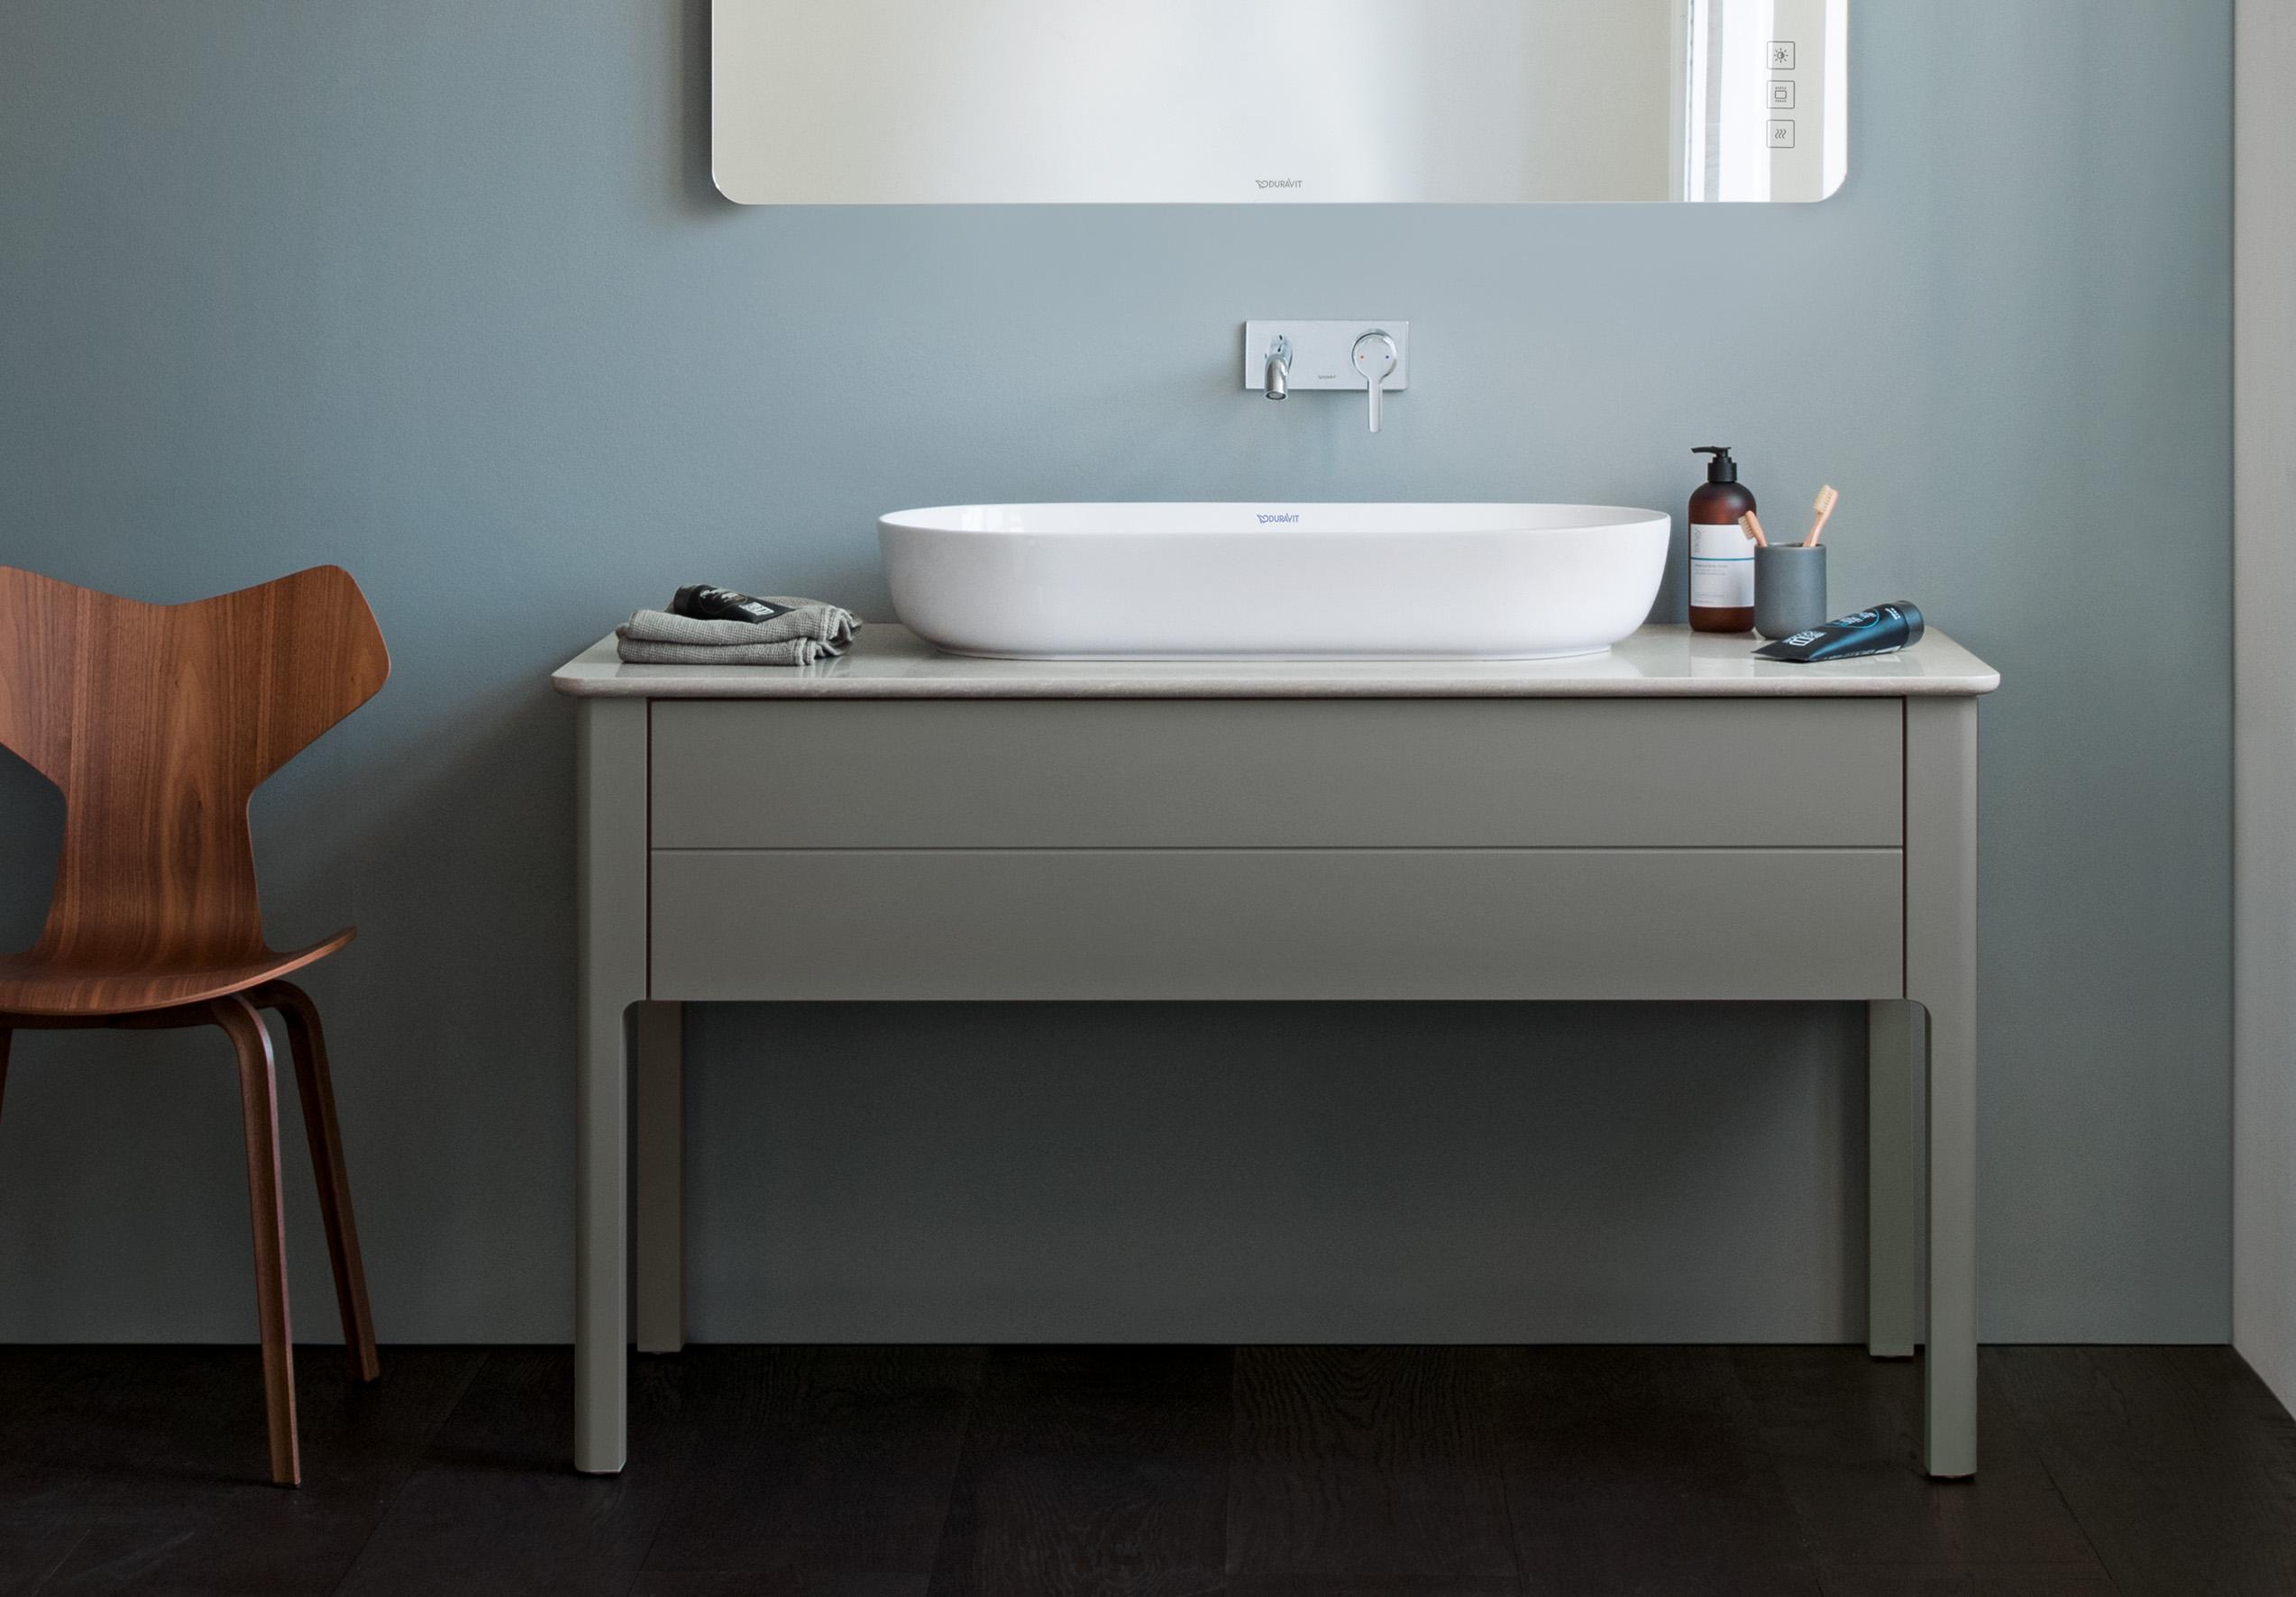 Miroir Salle De Bain Duravit ~ les meubles luv de duravit induscabel salle de bains chauffage